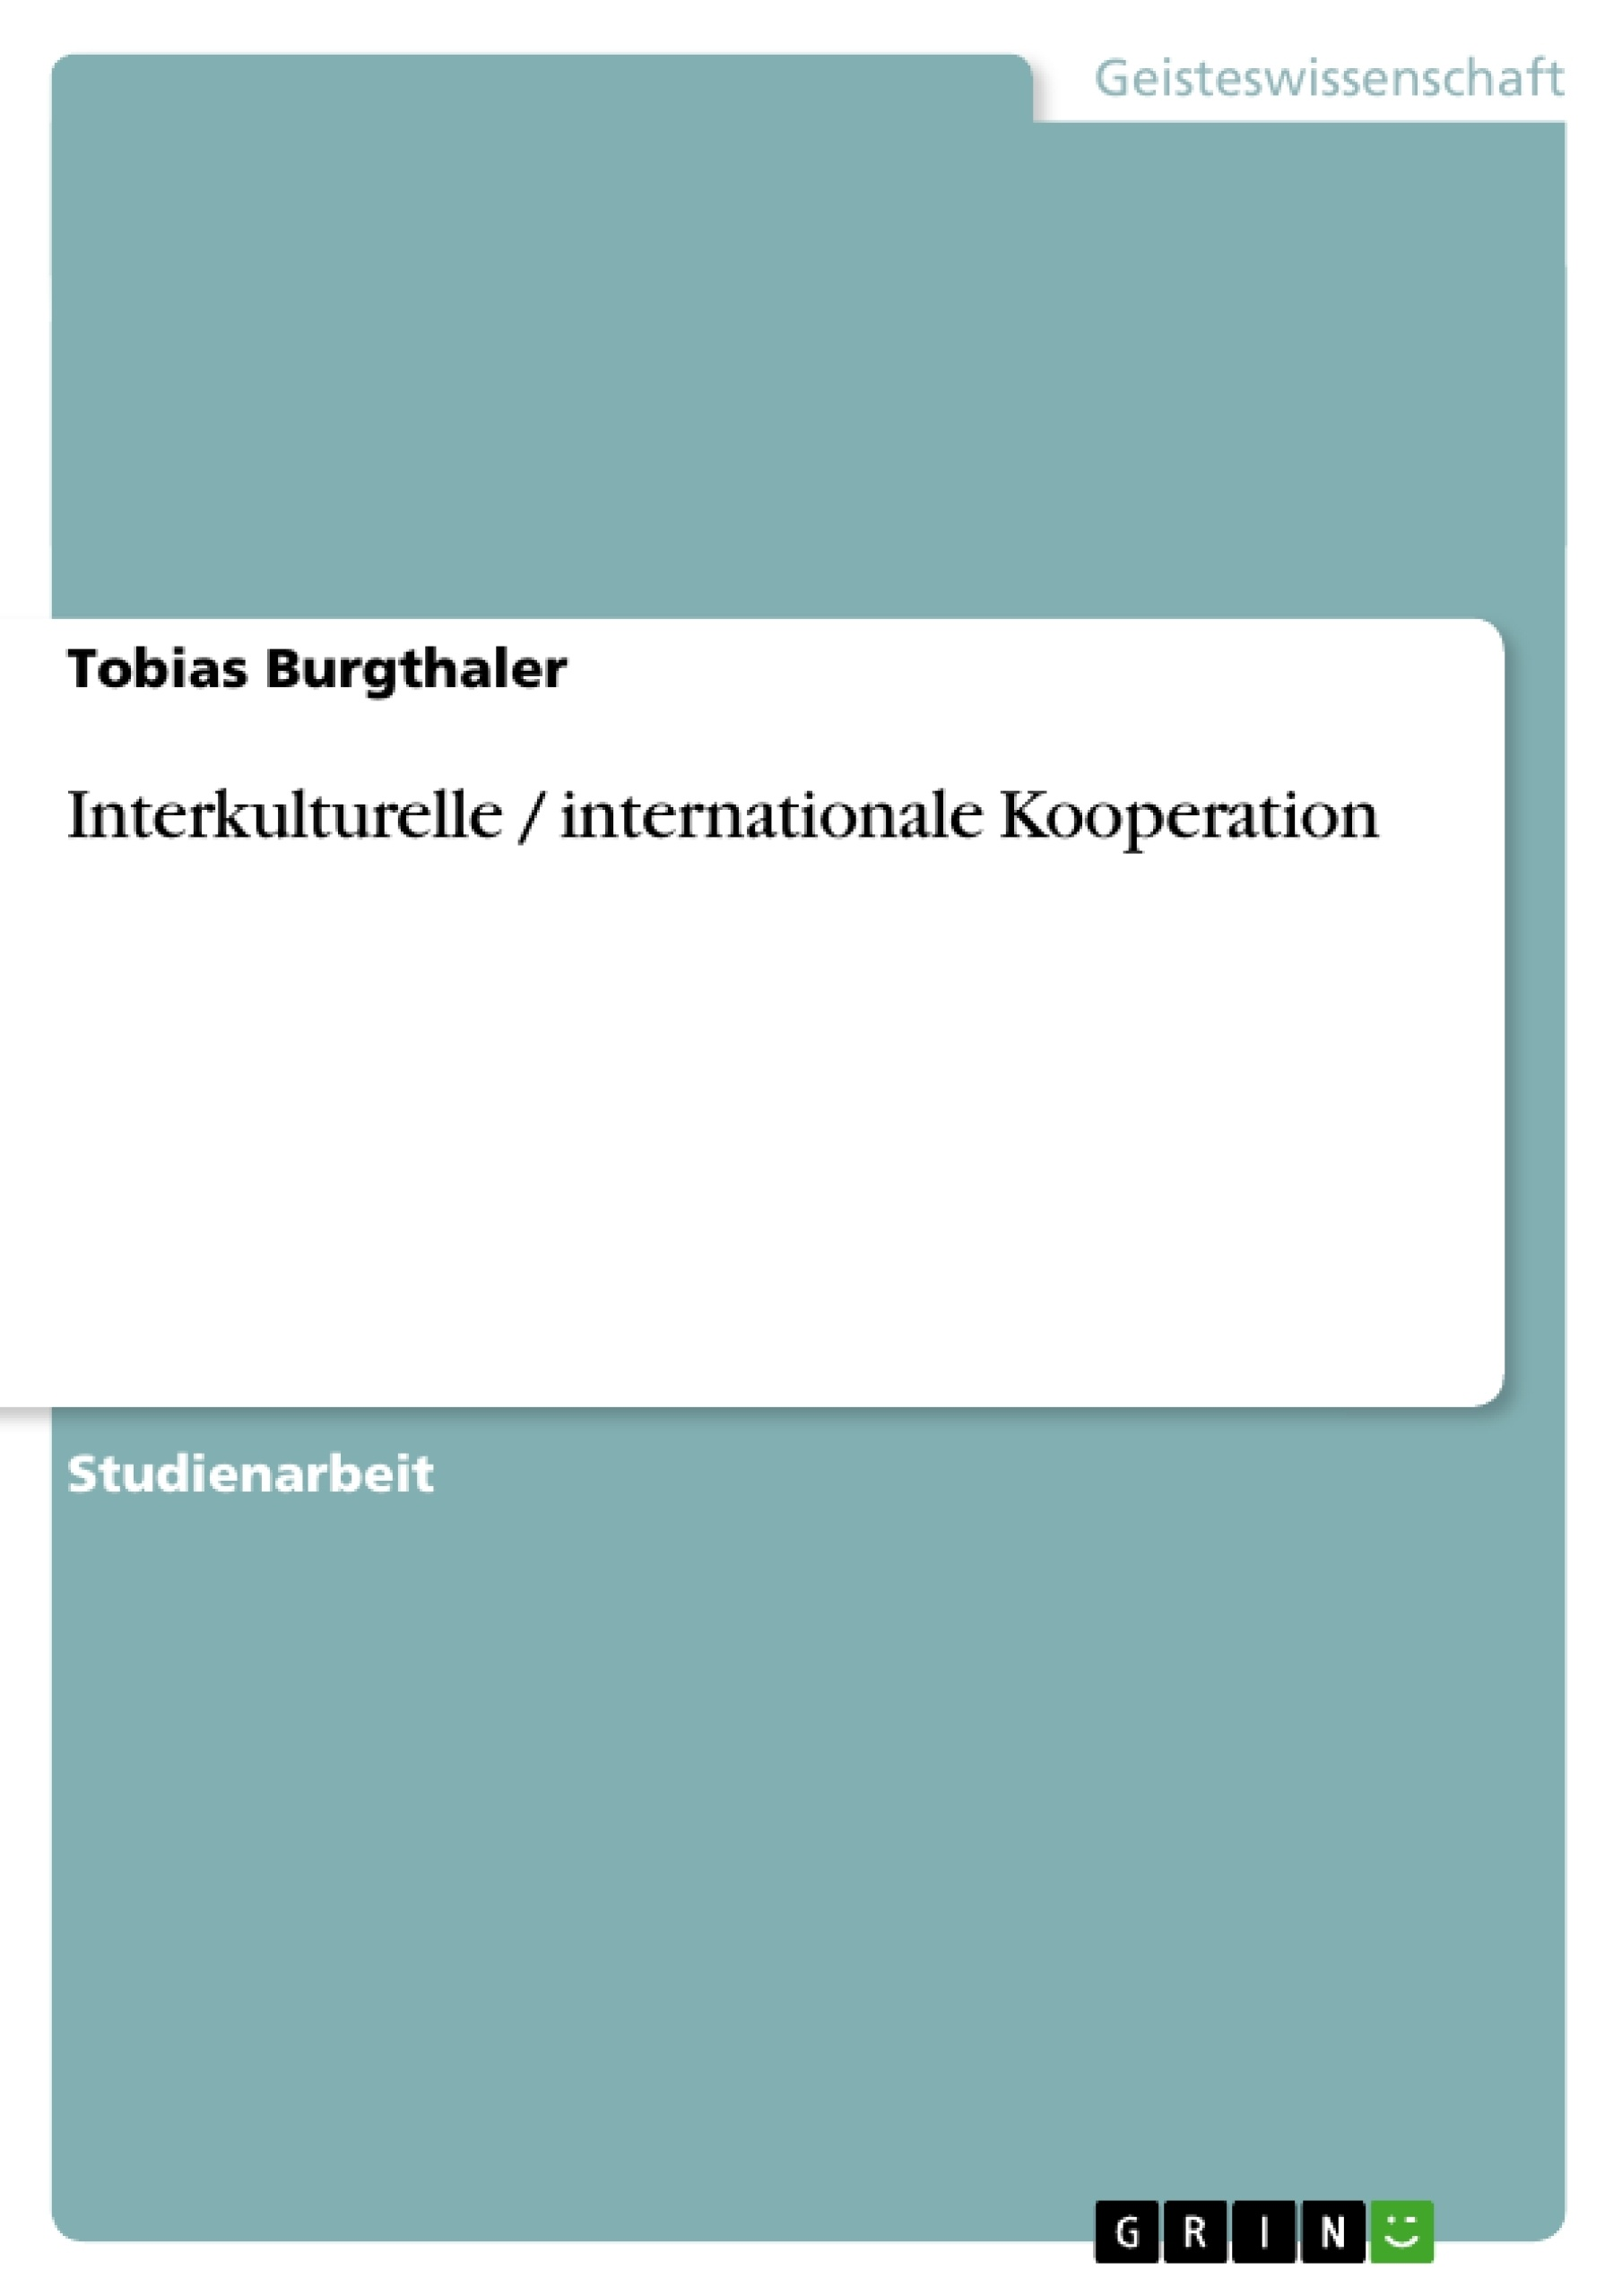 Titel: Interkulturelle / internationale Kooperation